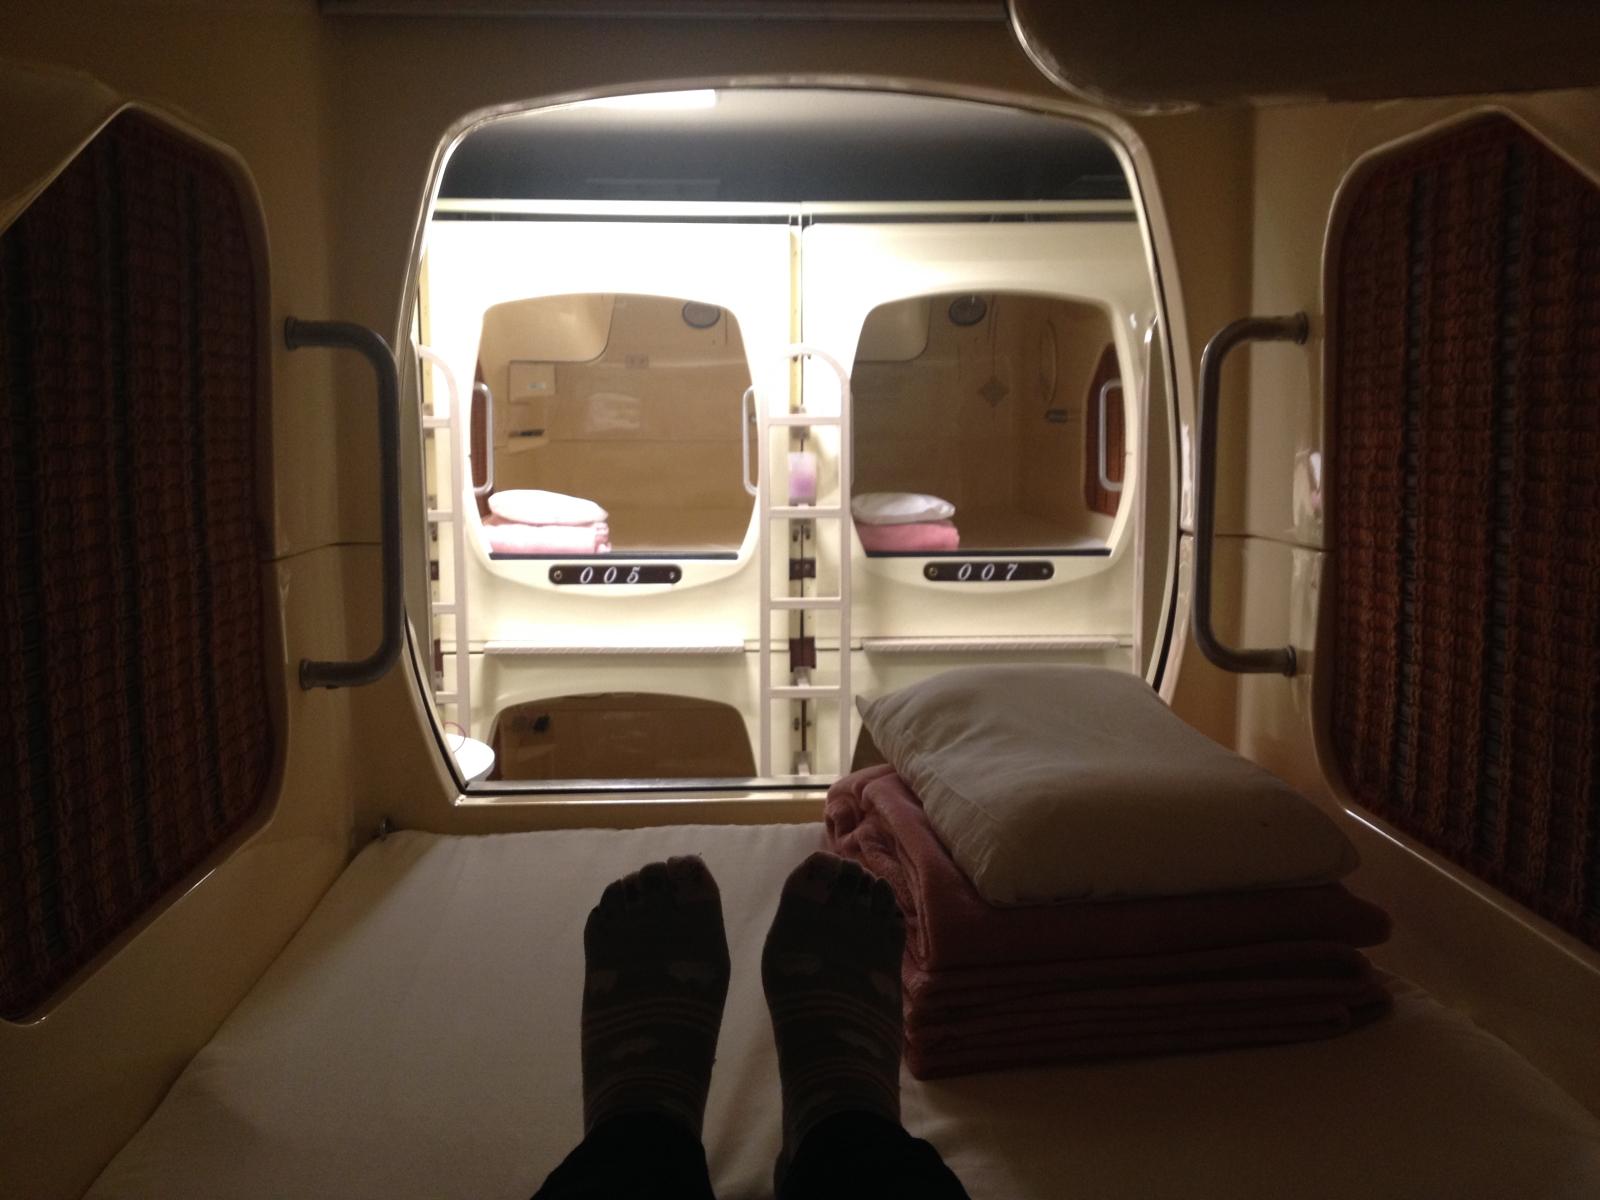 Nocleg w hotelu kapsułkowym w Japonii - tak wygląda kapsuła od środka